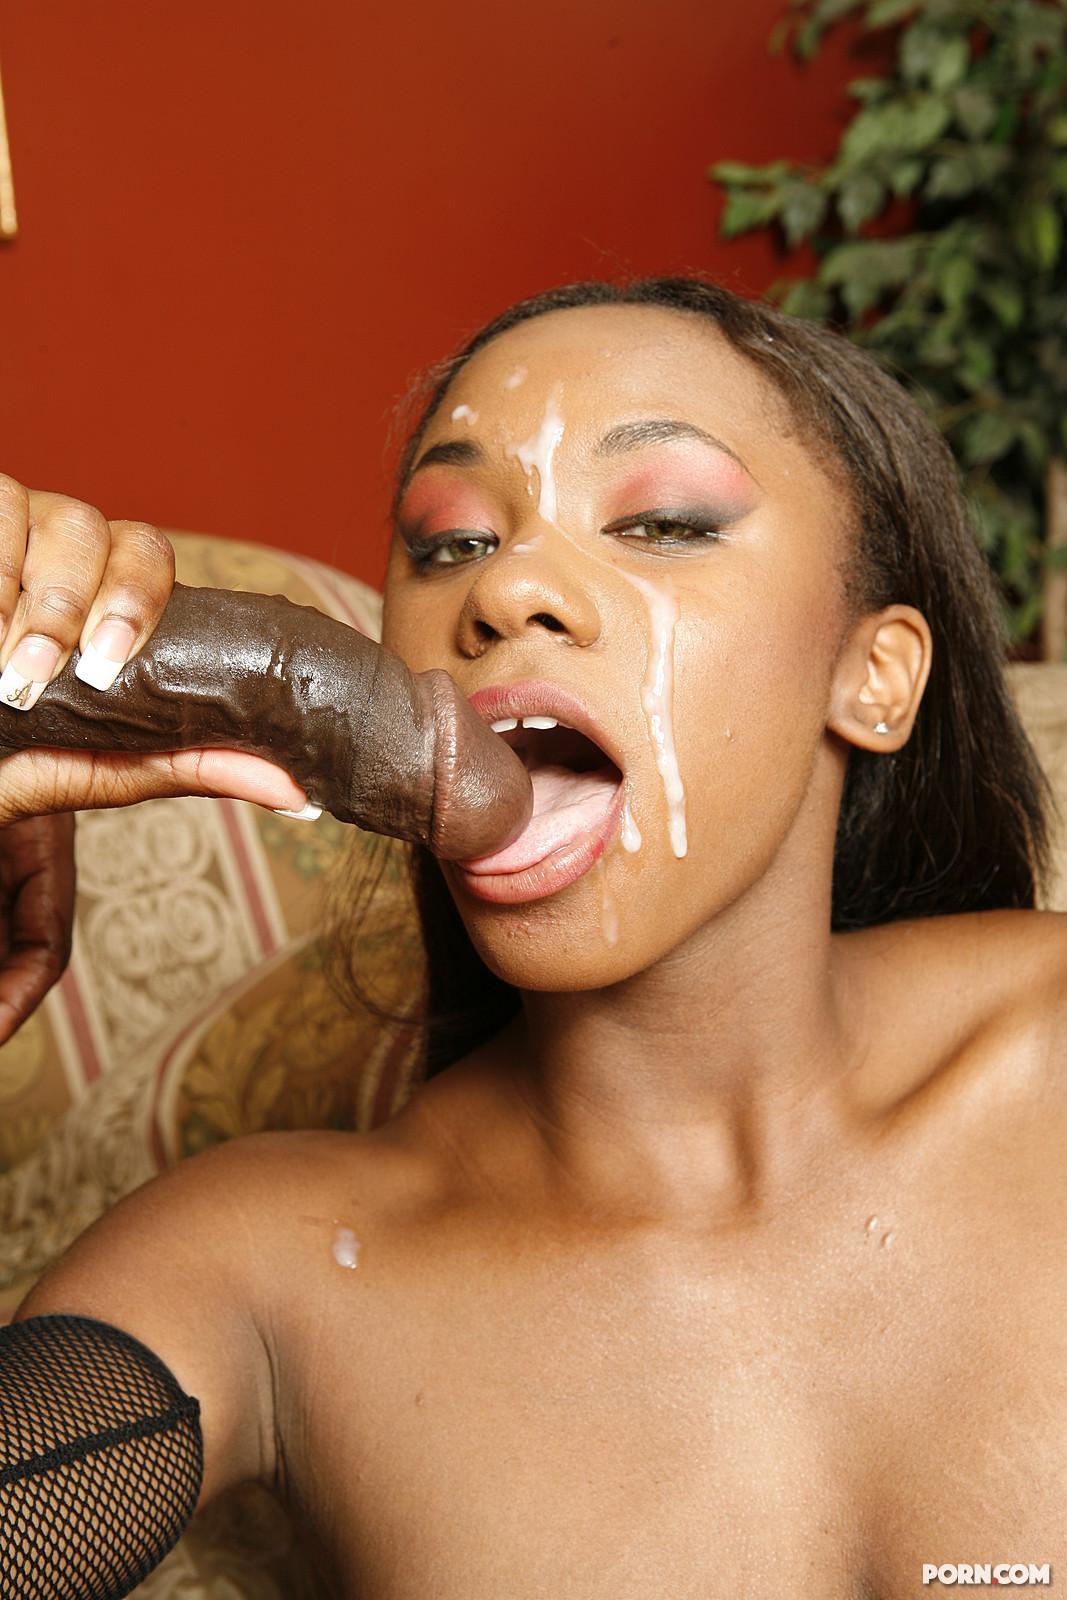 Чернокожую девушку в попу 14 фотография